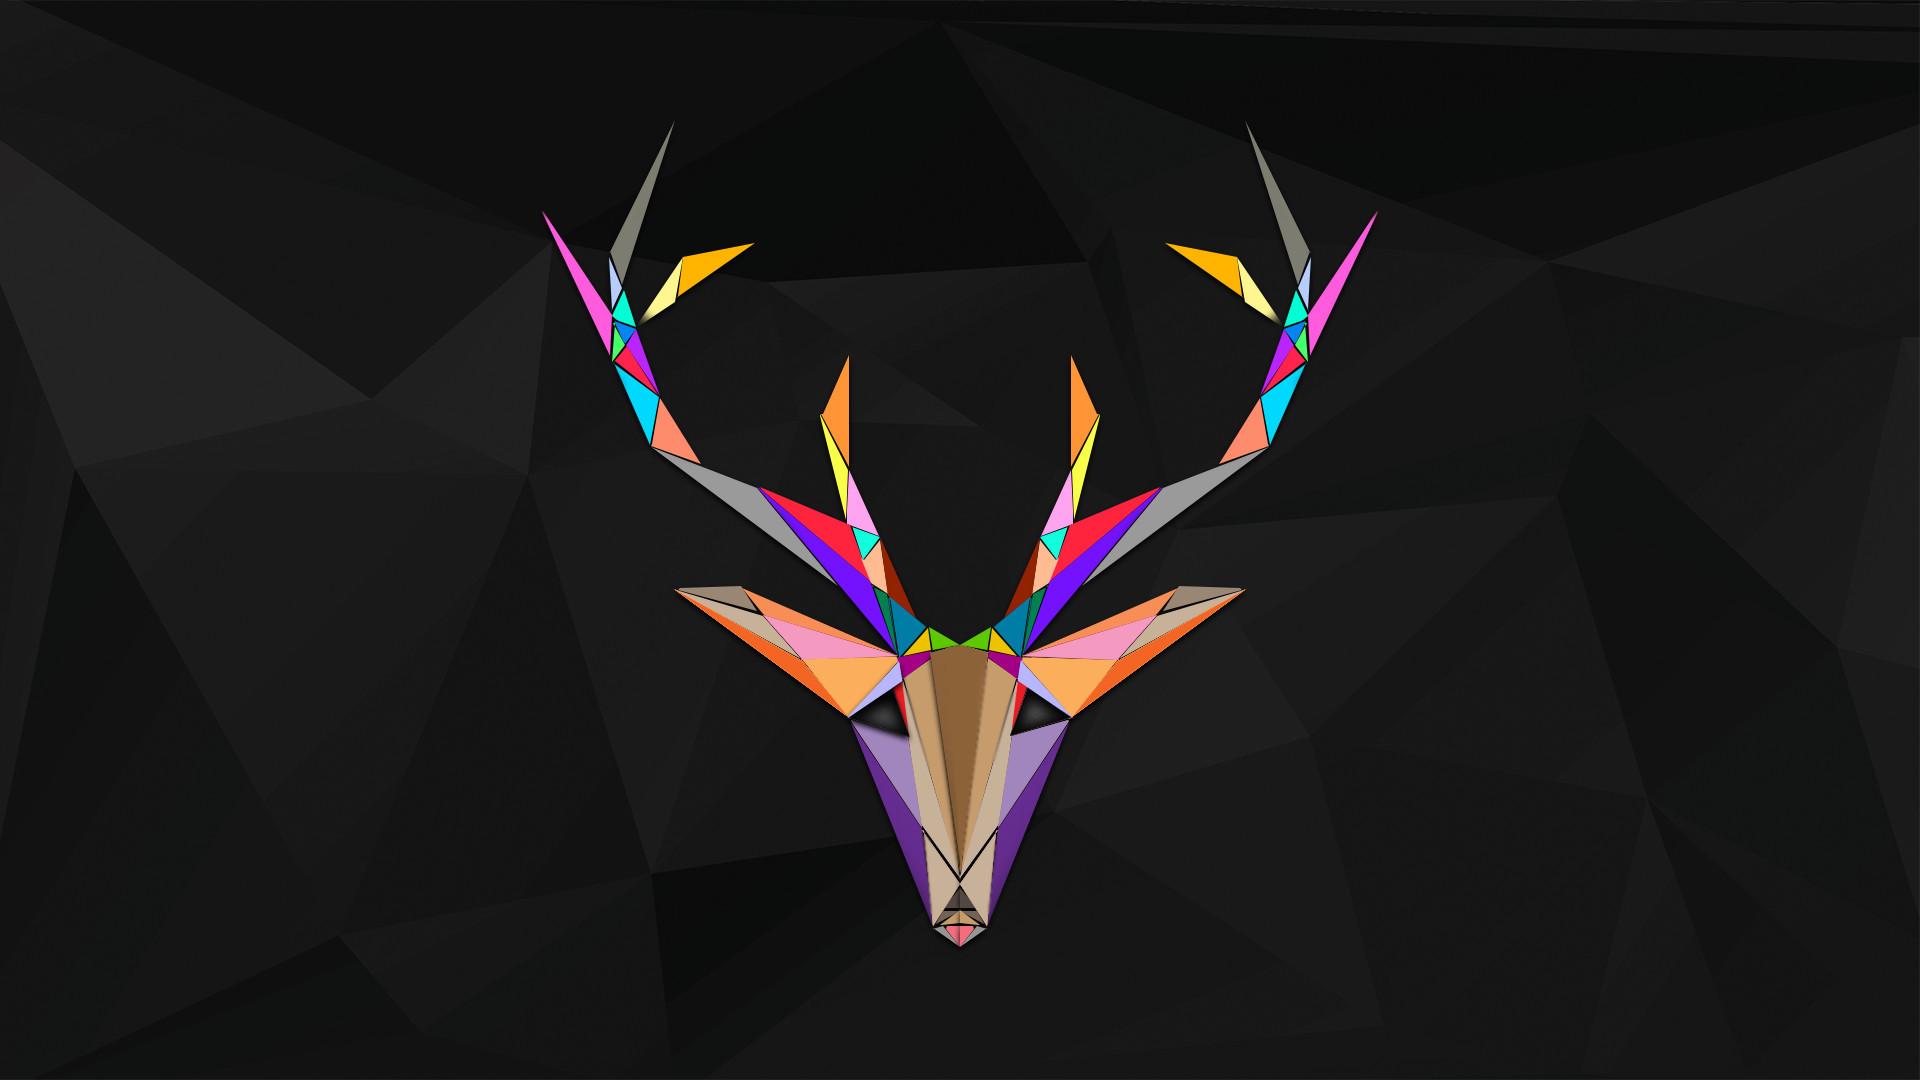 Dark Desktop Wallpapers (67+ images)